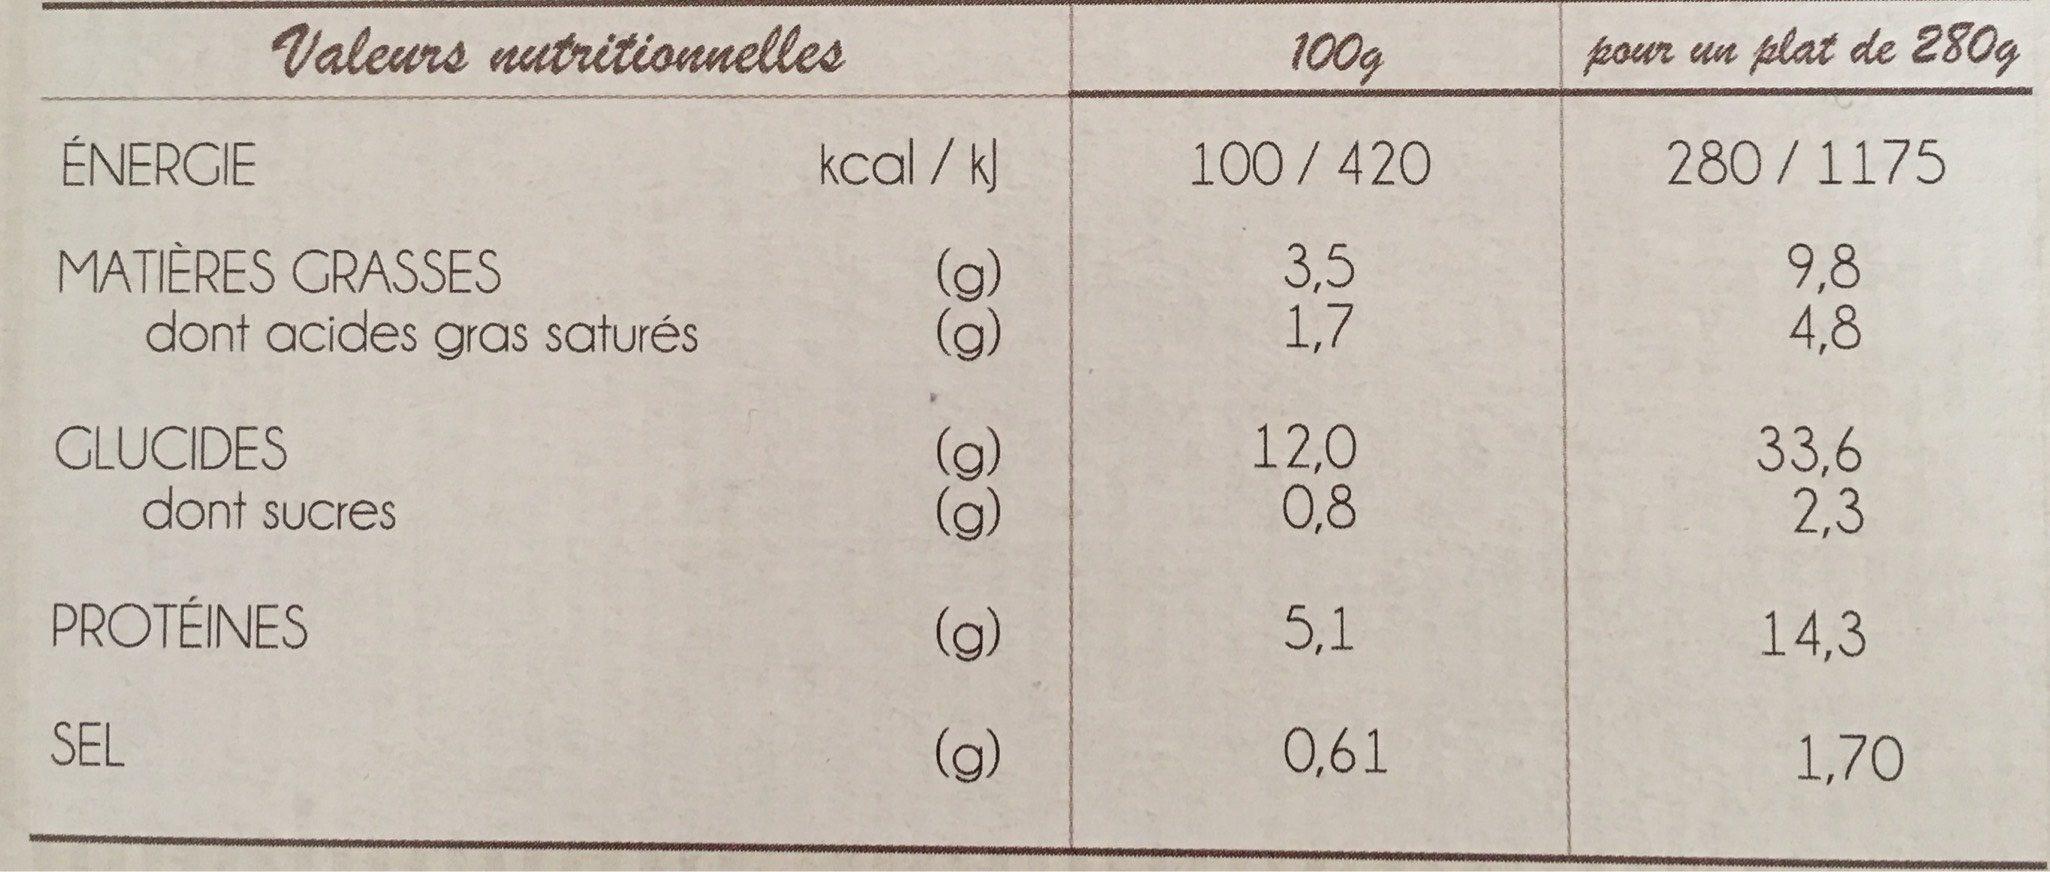 Risotto au poulet asperges et cepes - Nutrition facts - fr